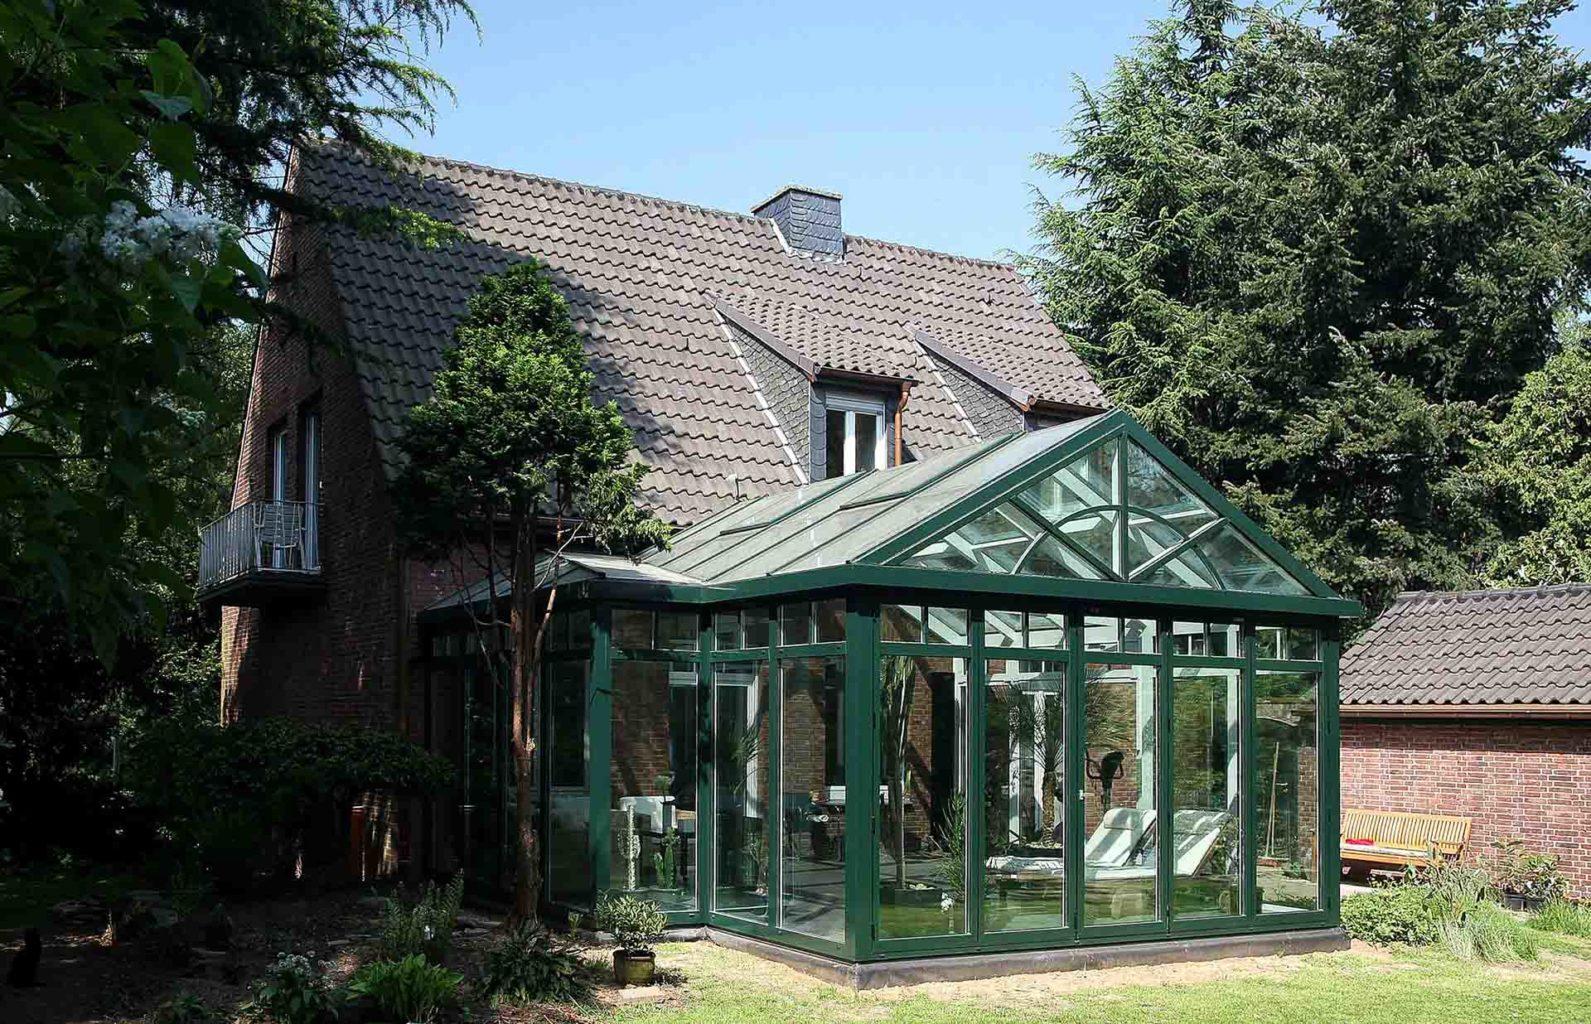 Wintergarten in Krefeld (Objekt 997).